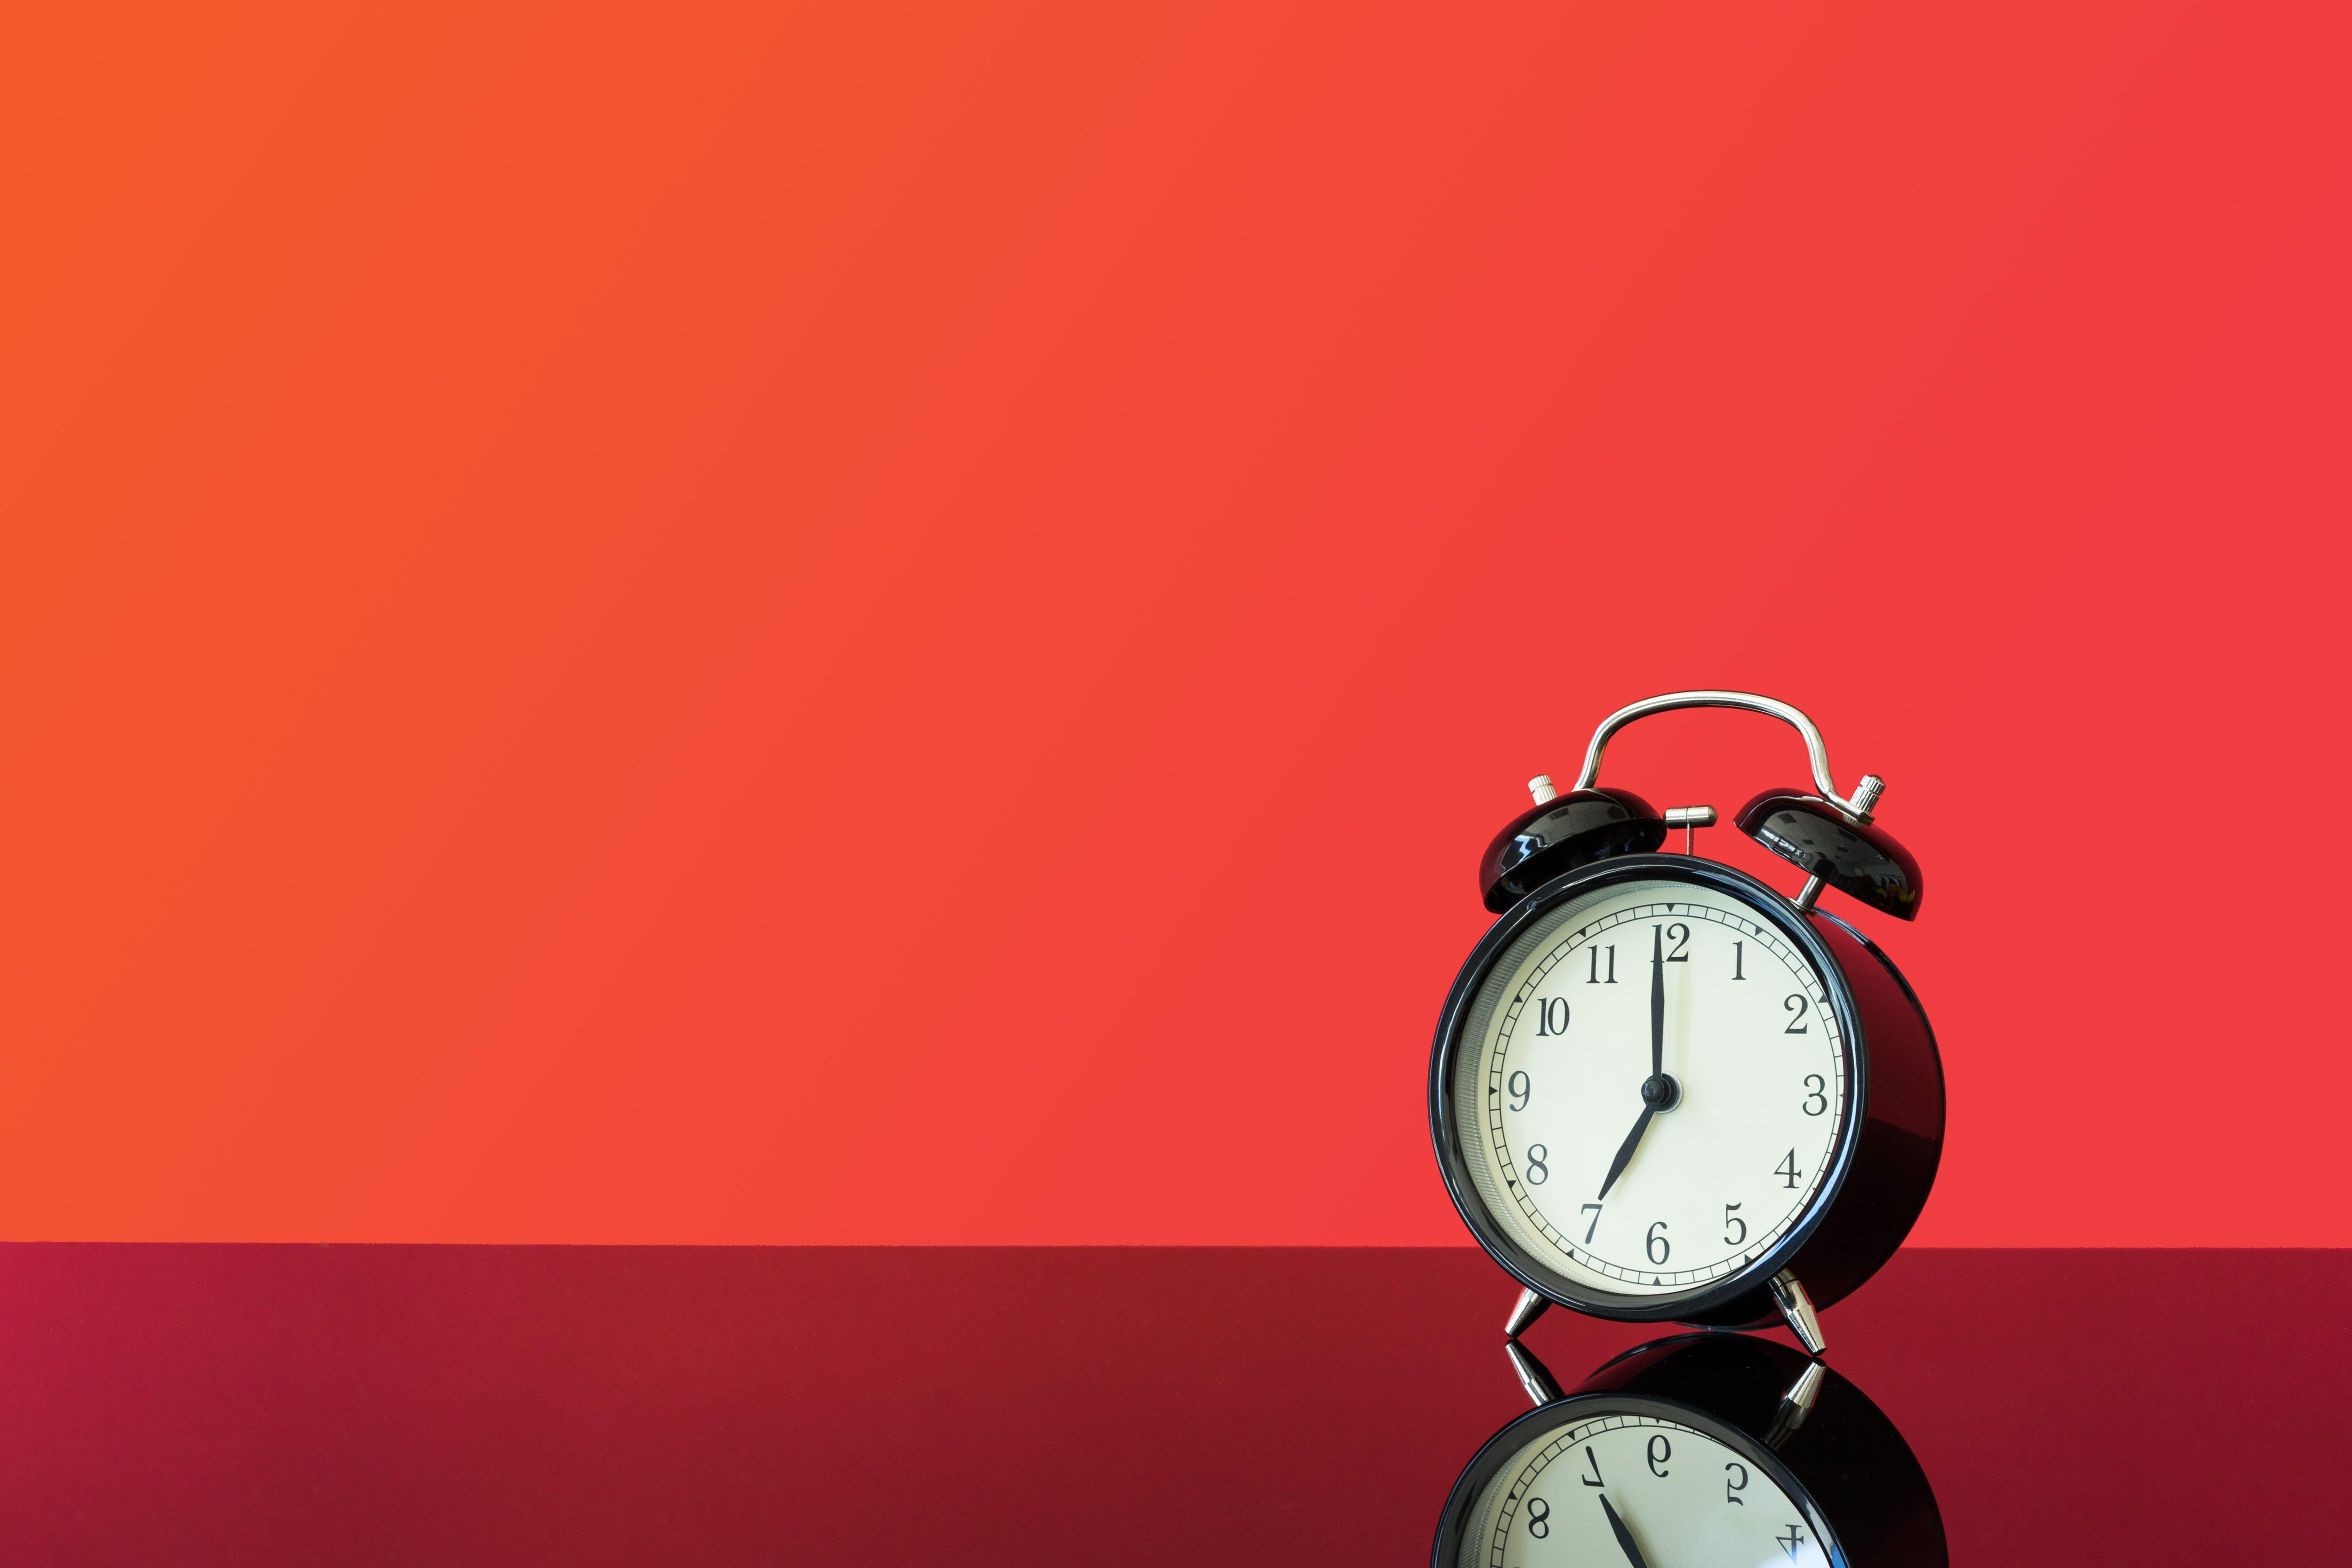 Vintage Alarm Clock Bed Time Deadline Deprivation Get Up Wallpaper In 2020 Vintage Alarm Clocks Clock Vintage Wallpaper